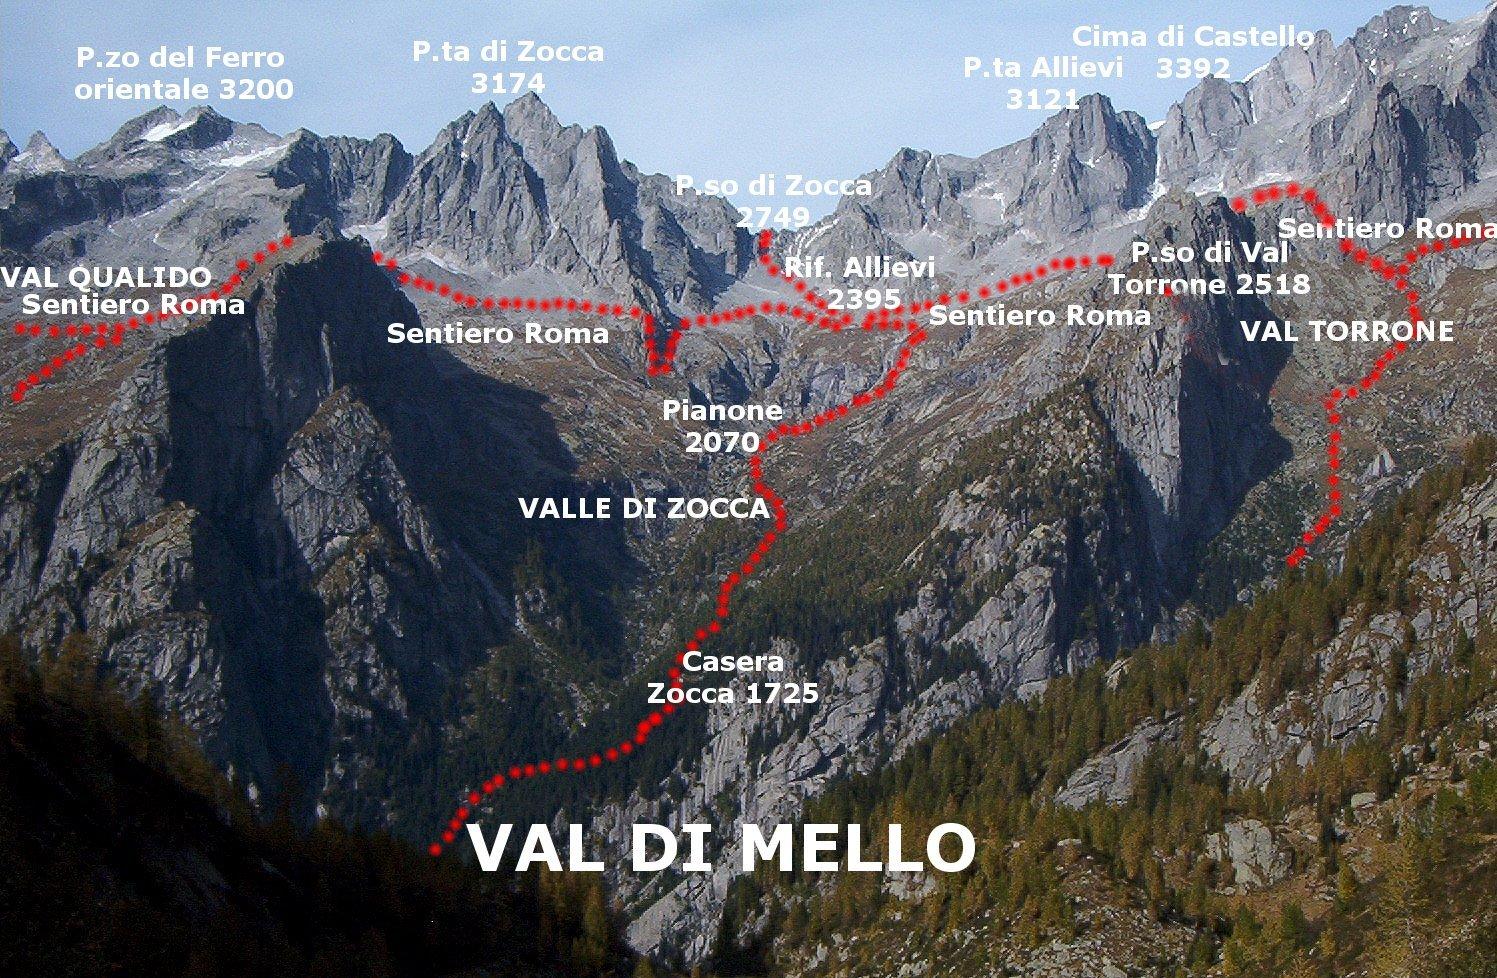 Anello del Masino - 1 - San Martino-Rif. Allievi